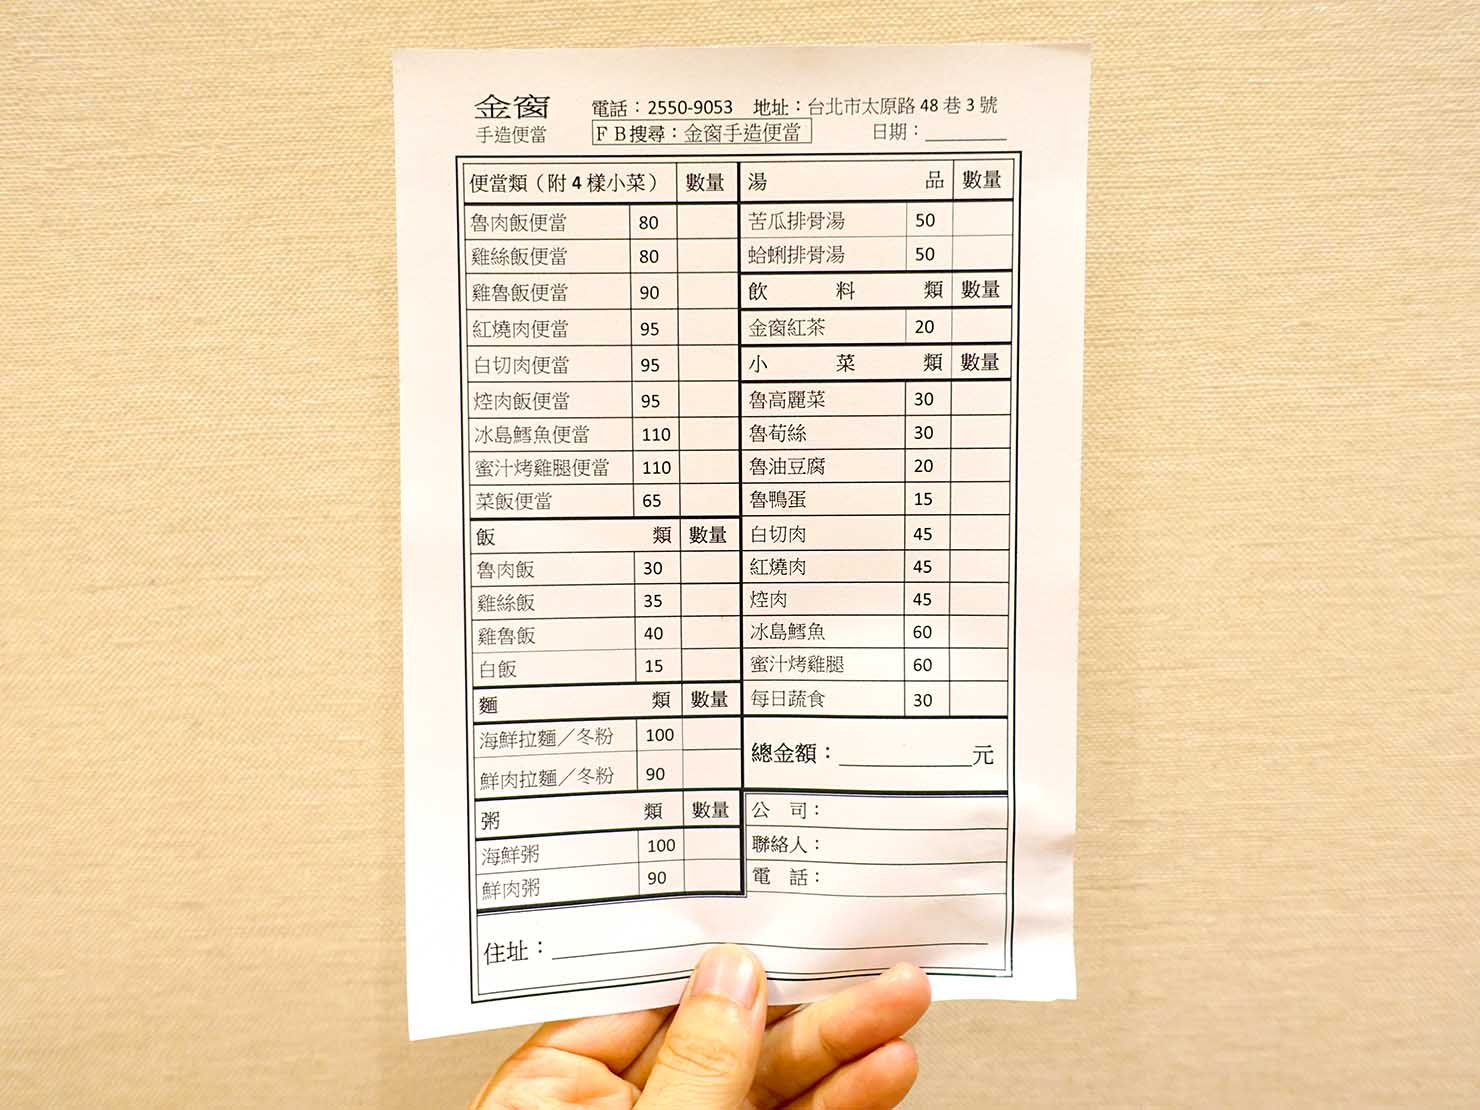 台北駅裏エリア(後站)のおすすめグルメ店「金窗手造便當」のメニュー